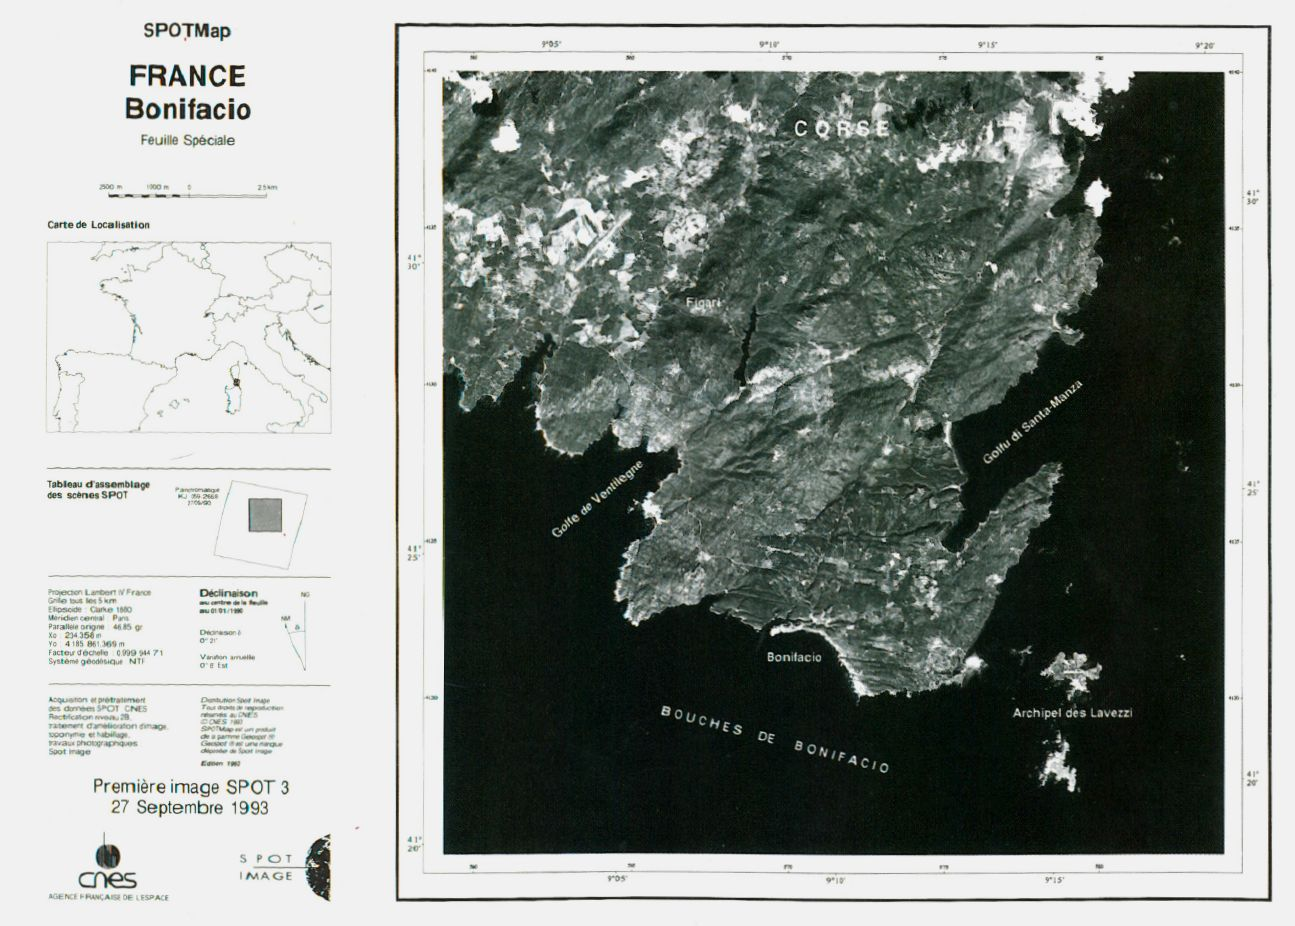 SPOT 3 - Première image - Corse - Bonifacio - Satellite - îles Lavezzi - 27 septembre 1993 - CNES - Spot image - SpotMap